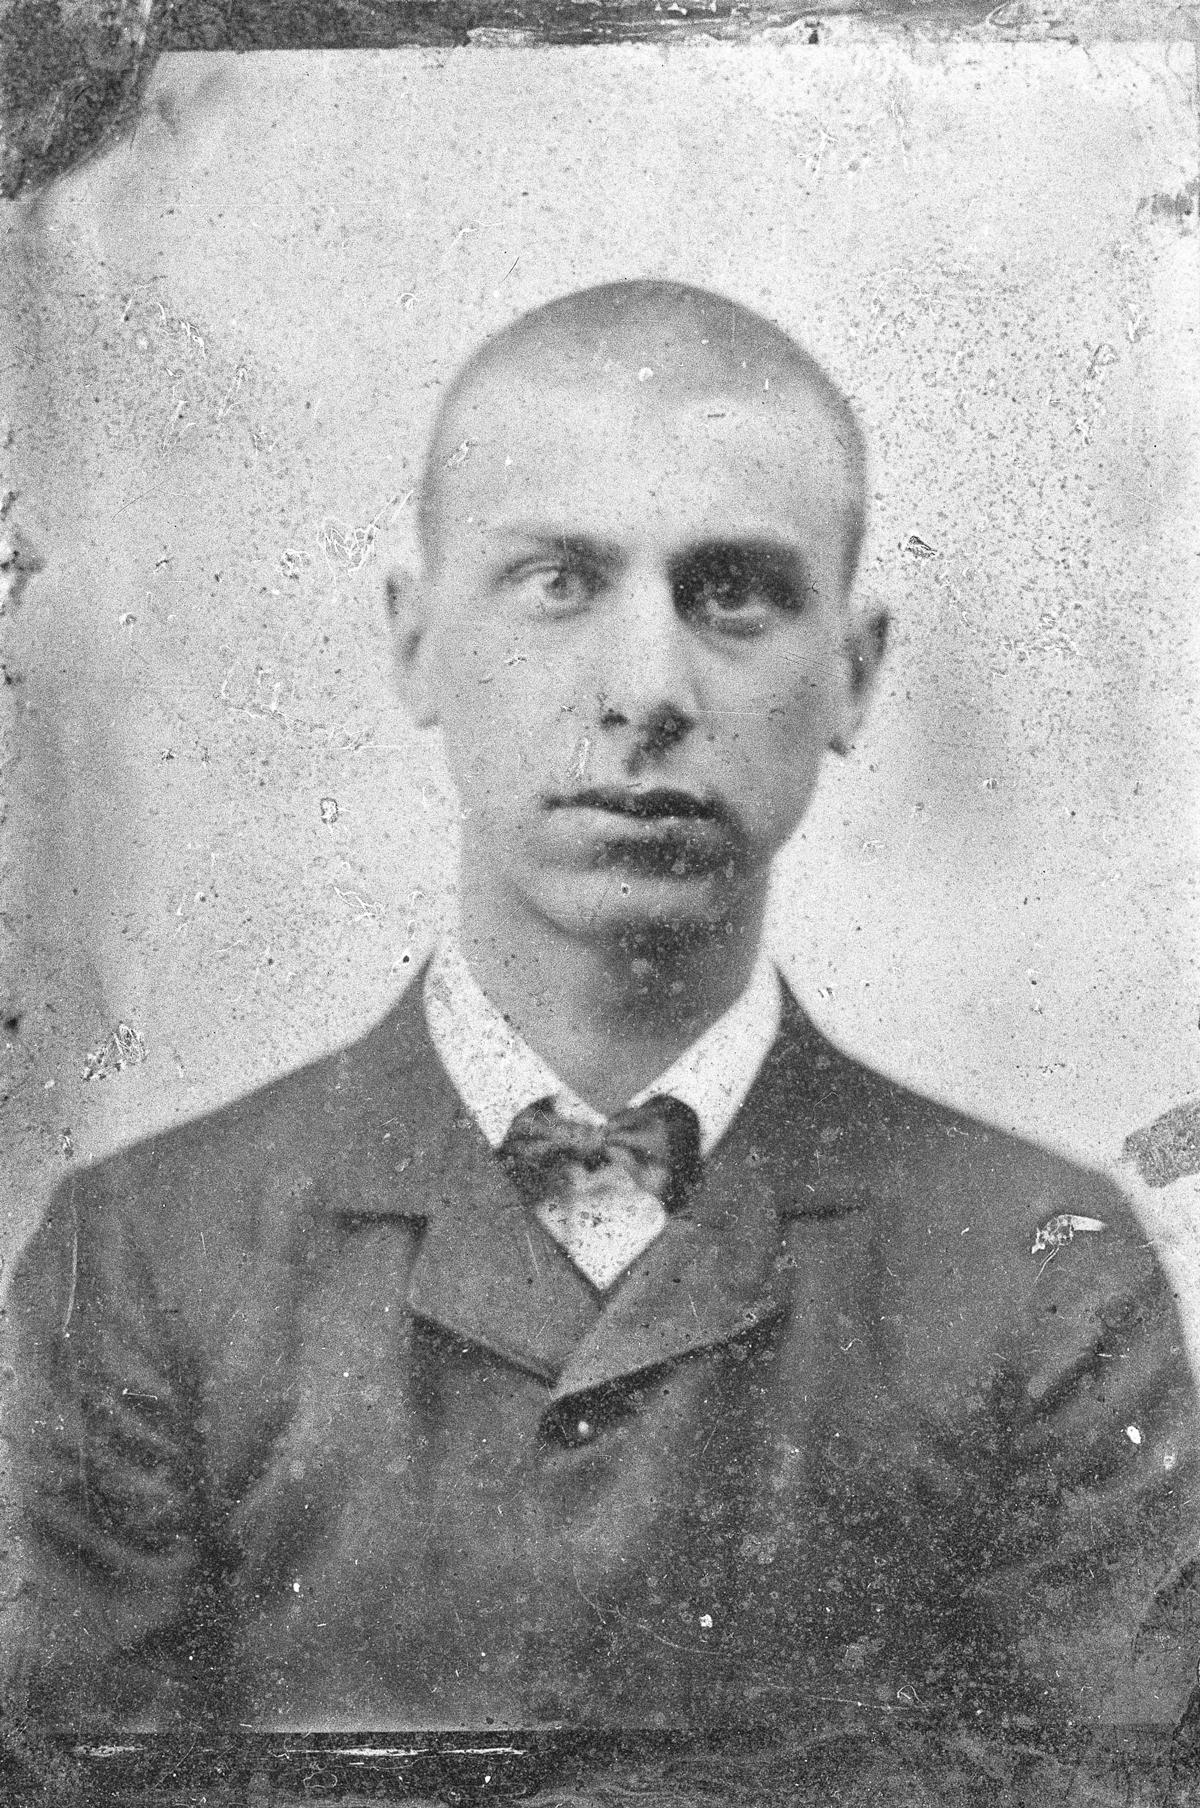 Richard Gerstl, um 1902/03, Fotografie, Archiv Otto Breicha / Richard Gerstl, (Foto: Archiv Otto Breicha / Richard Gerstl)